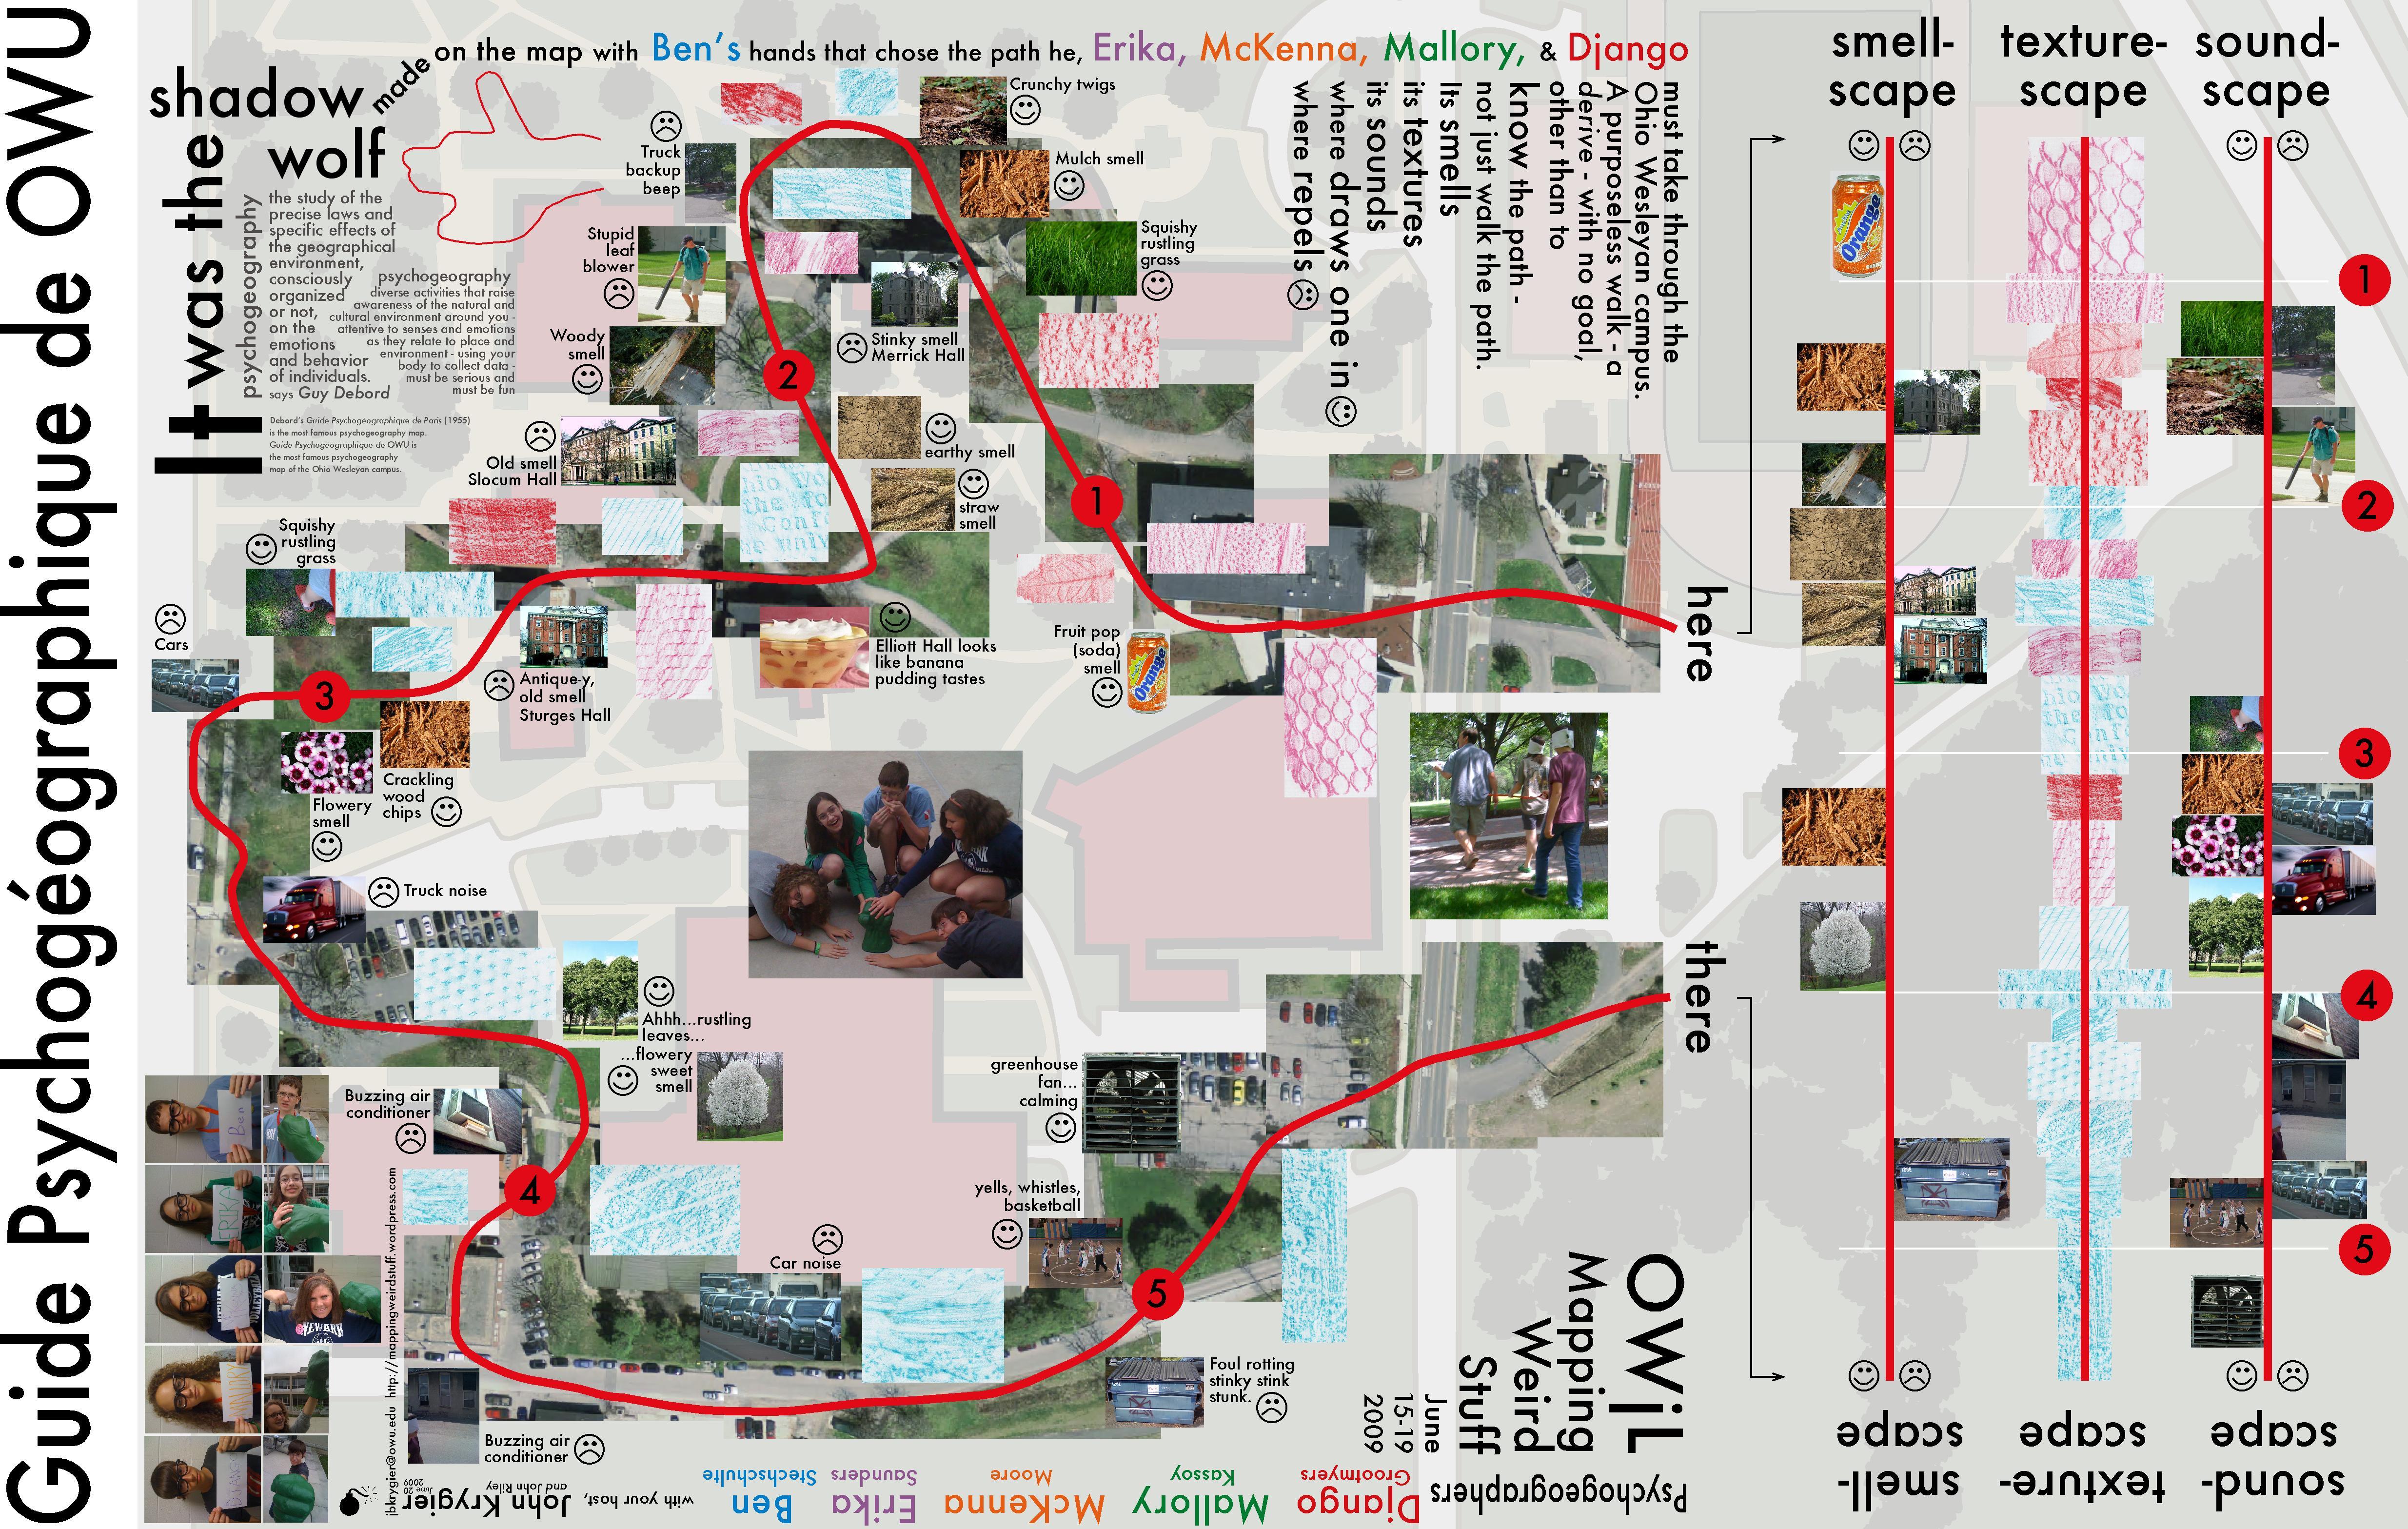 Sensory Mapping